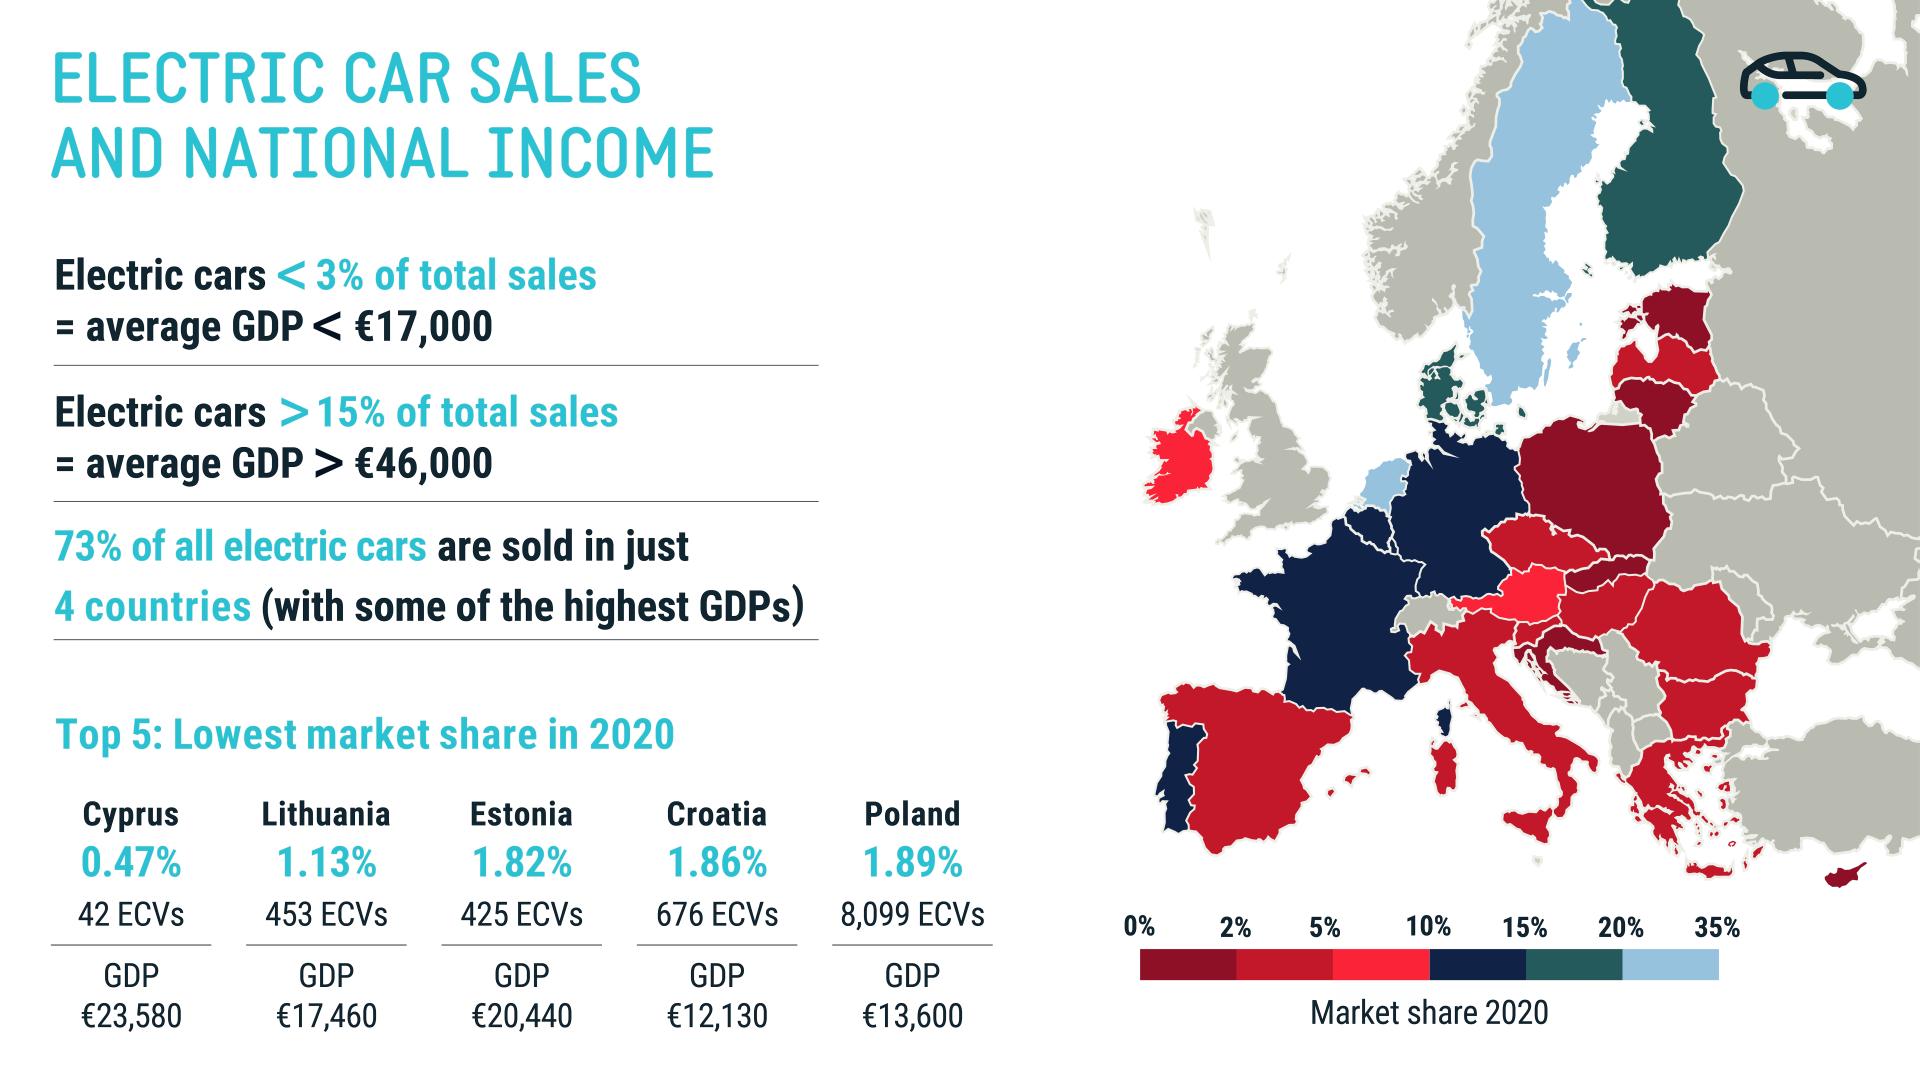 Șoferii din țările sărace cumpără mai puține mașini electrice